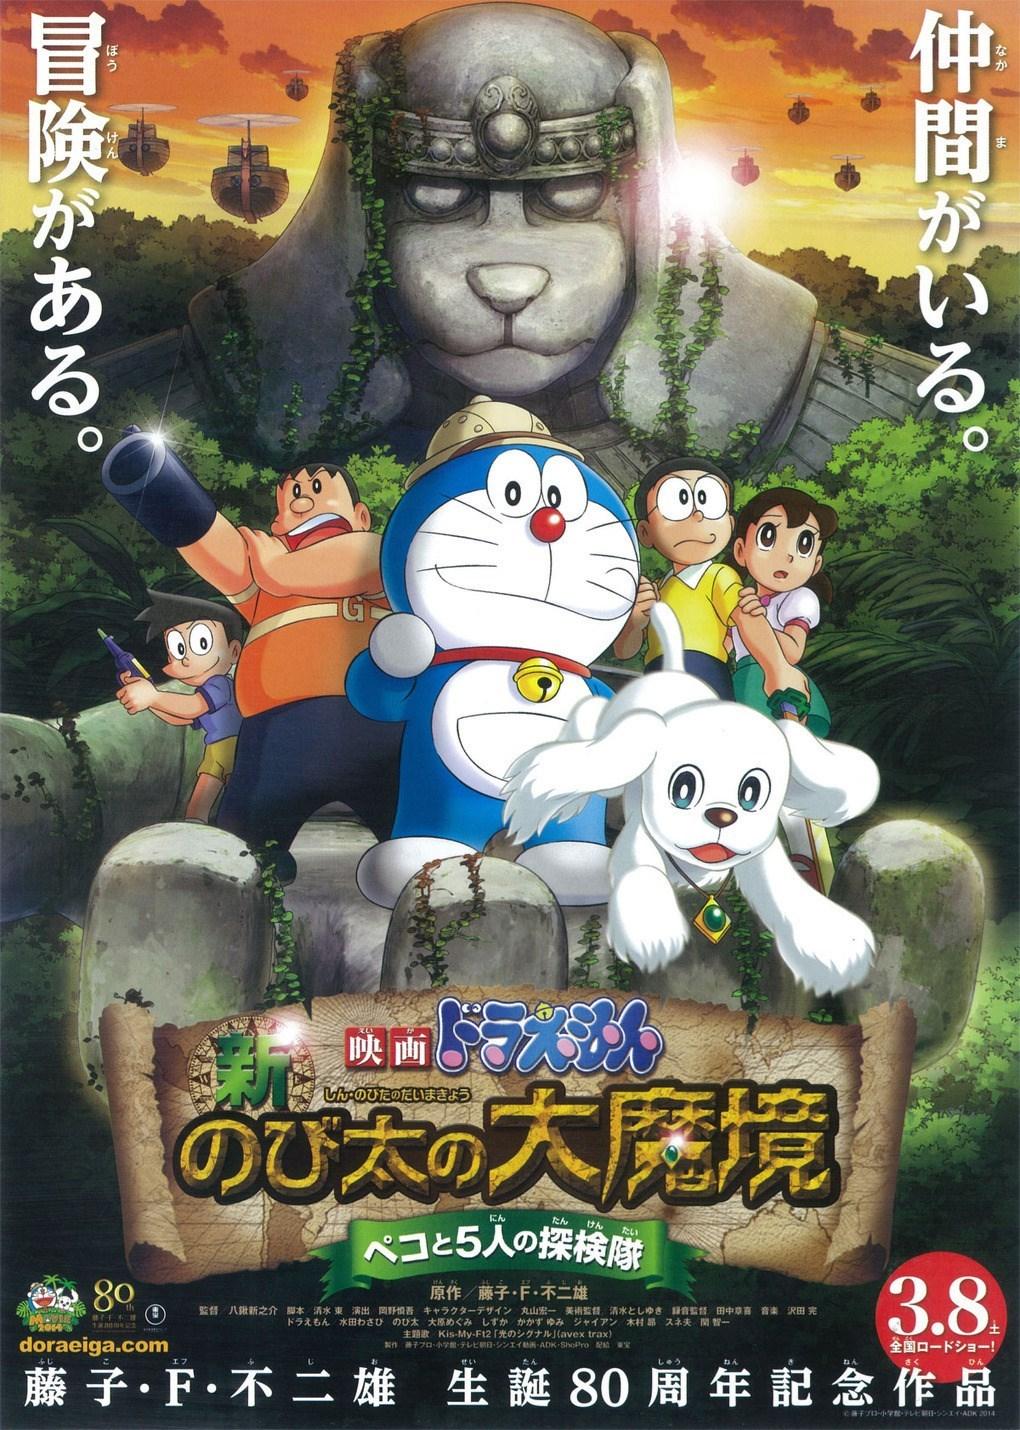 Nobita Và Cuộc Phiêu Lưu Tới Vùng Đất Dữ Mới-Peko Và 5 Nhà Thám Hiểm